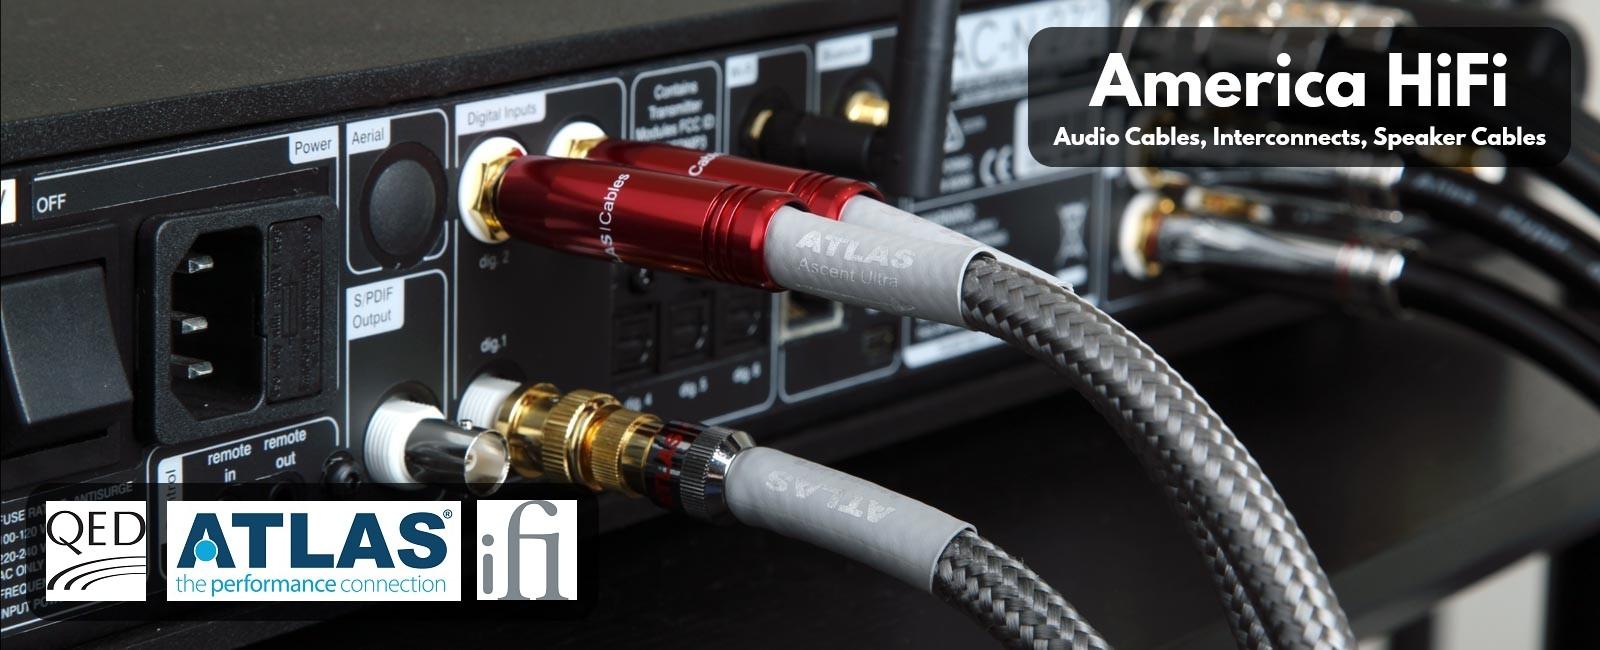 America Hi-Fi